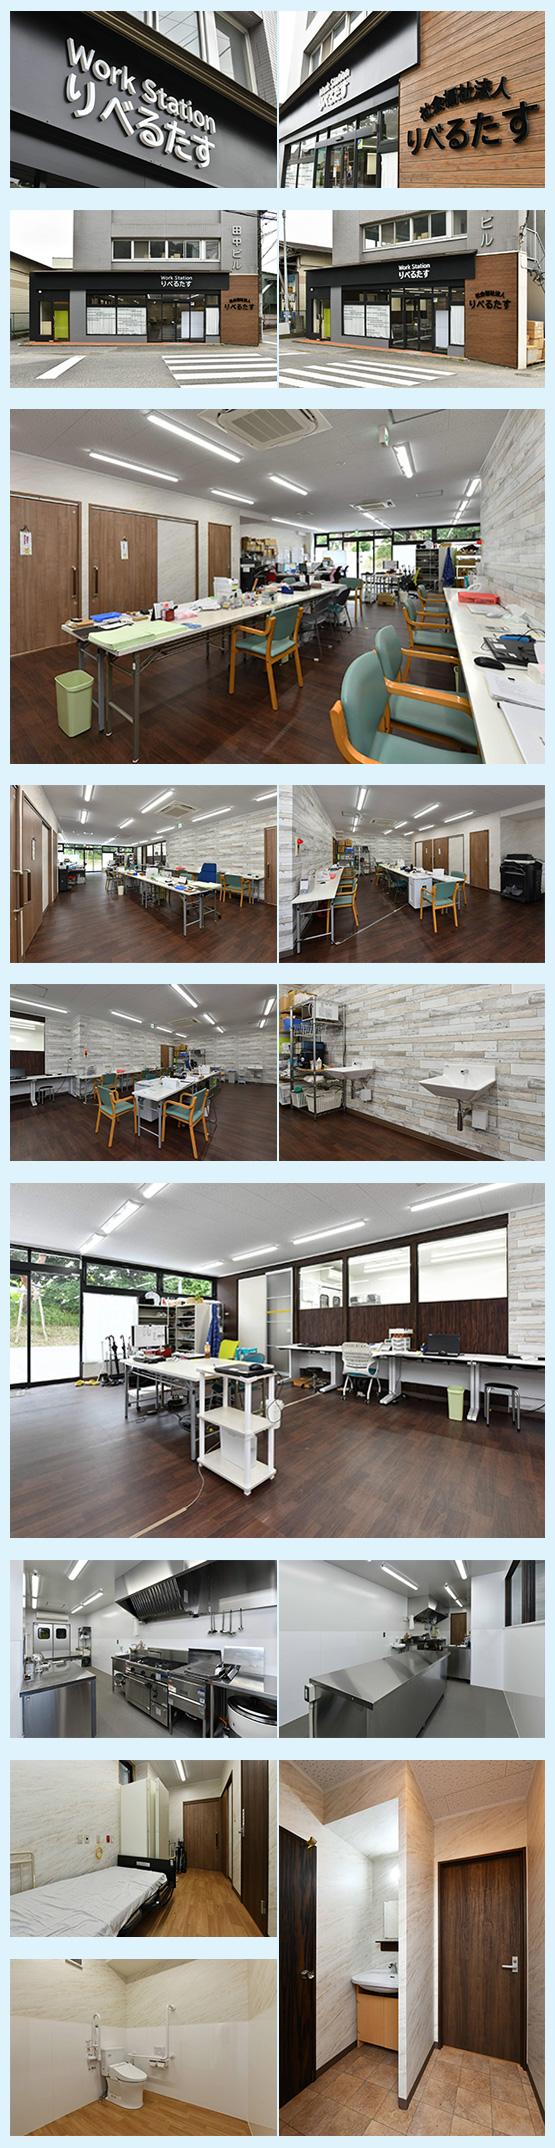 オフィス・ホテル・スクール・ジム 内装デザイン事例10